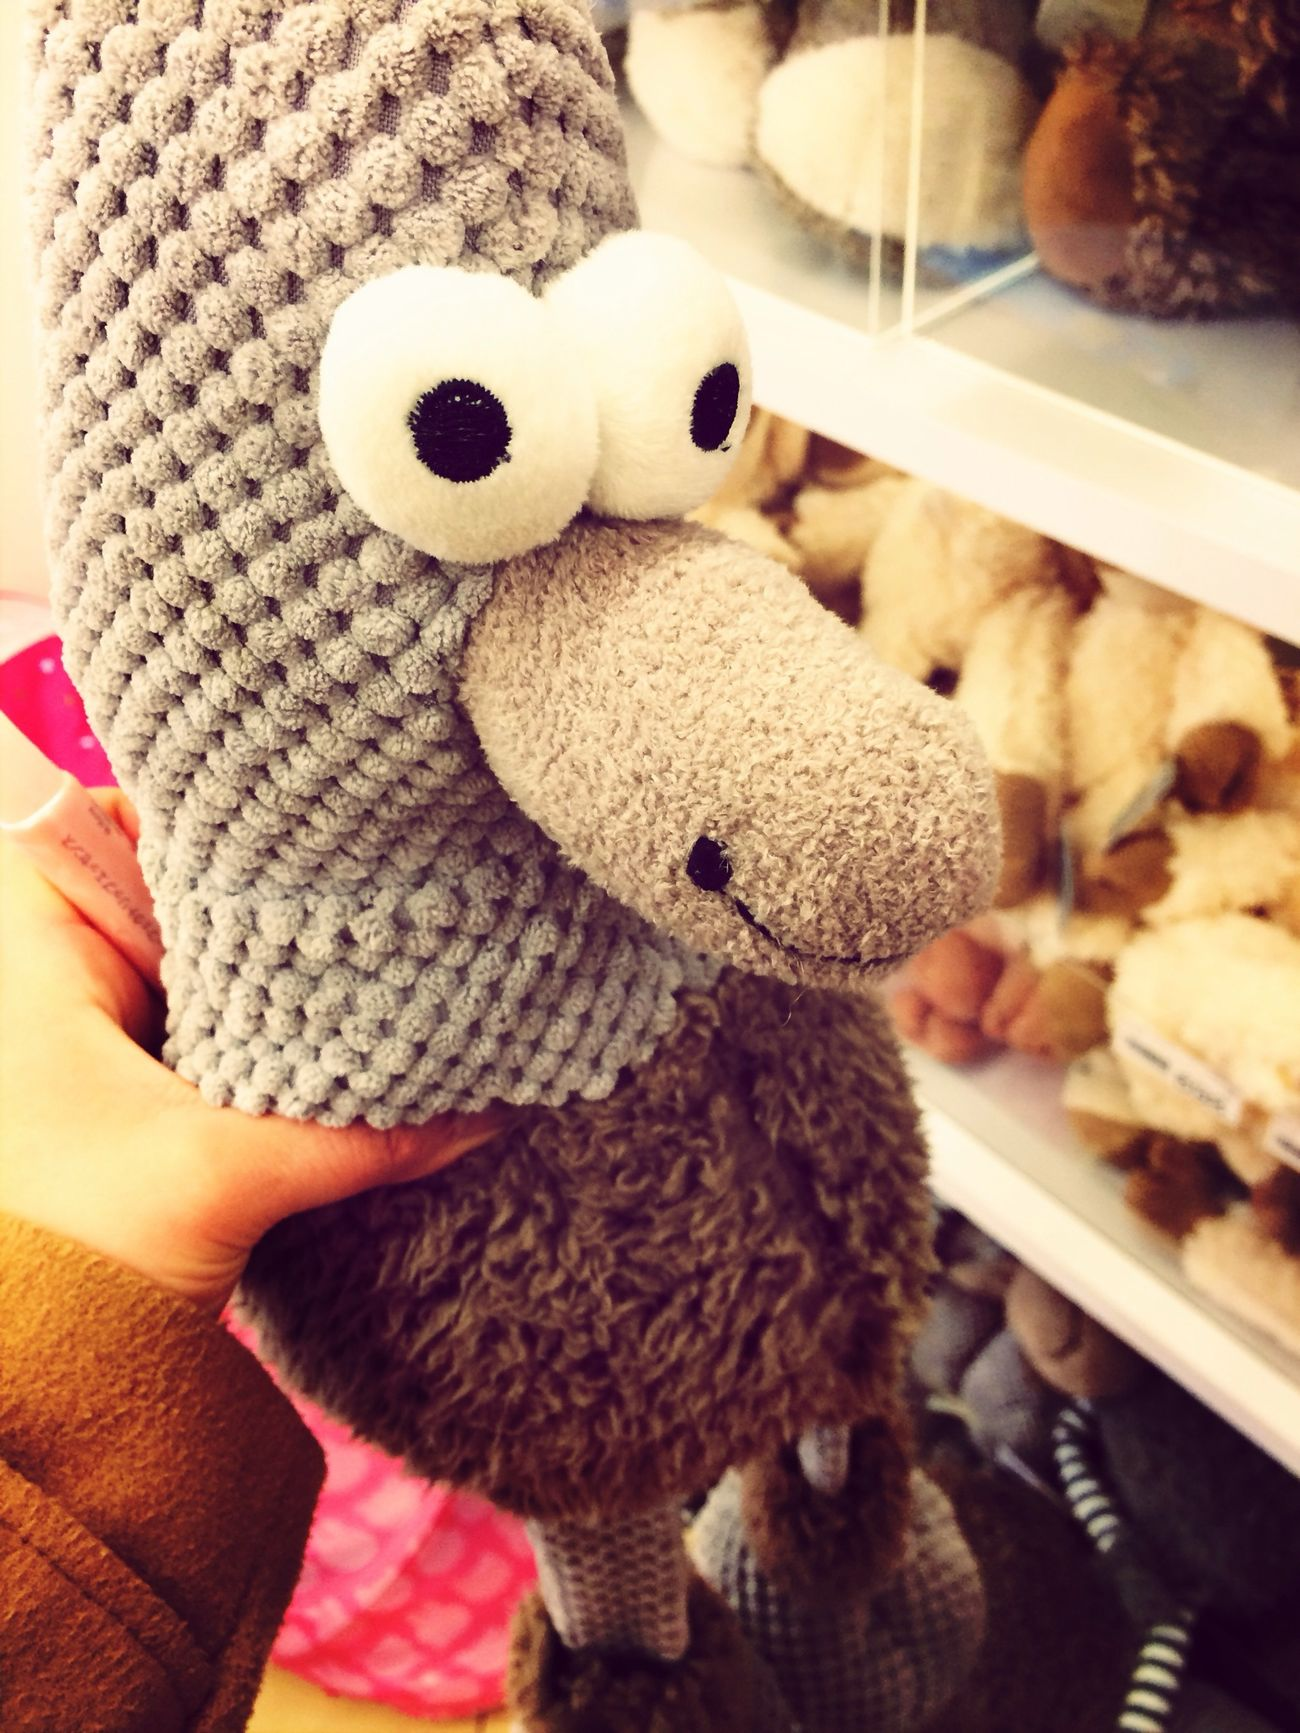 @ Cute♡ @ Bard @ ?